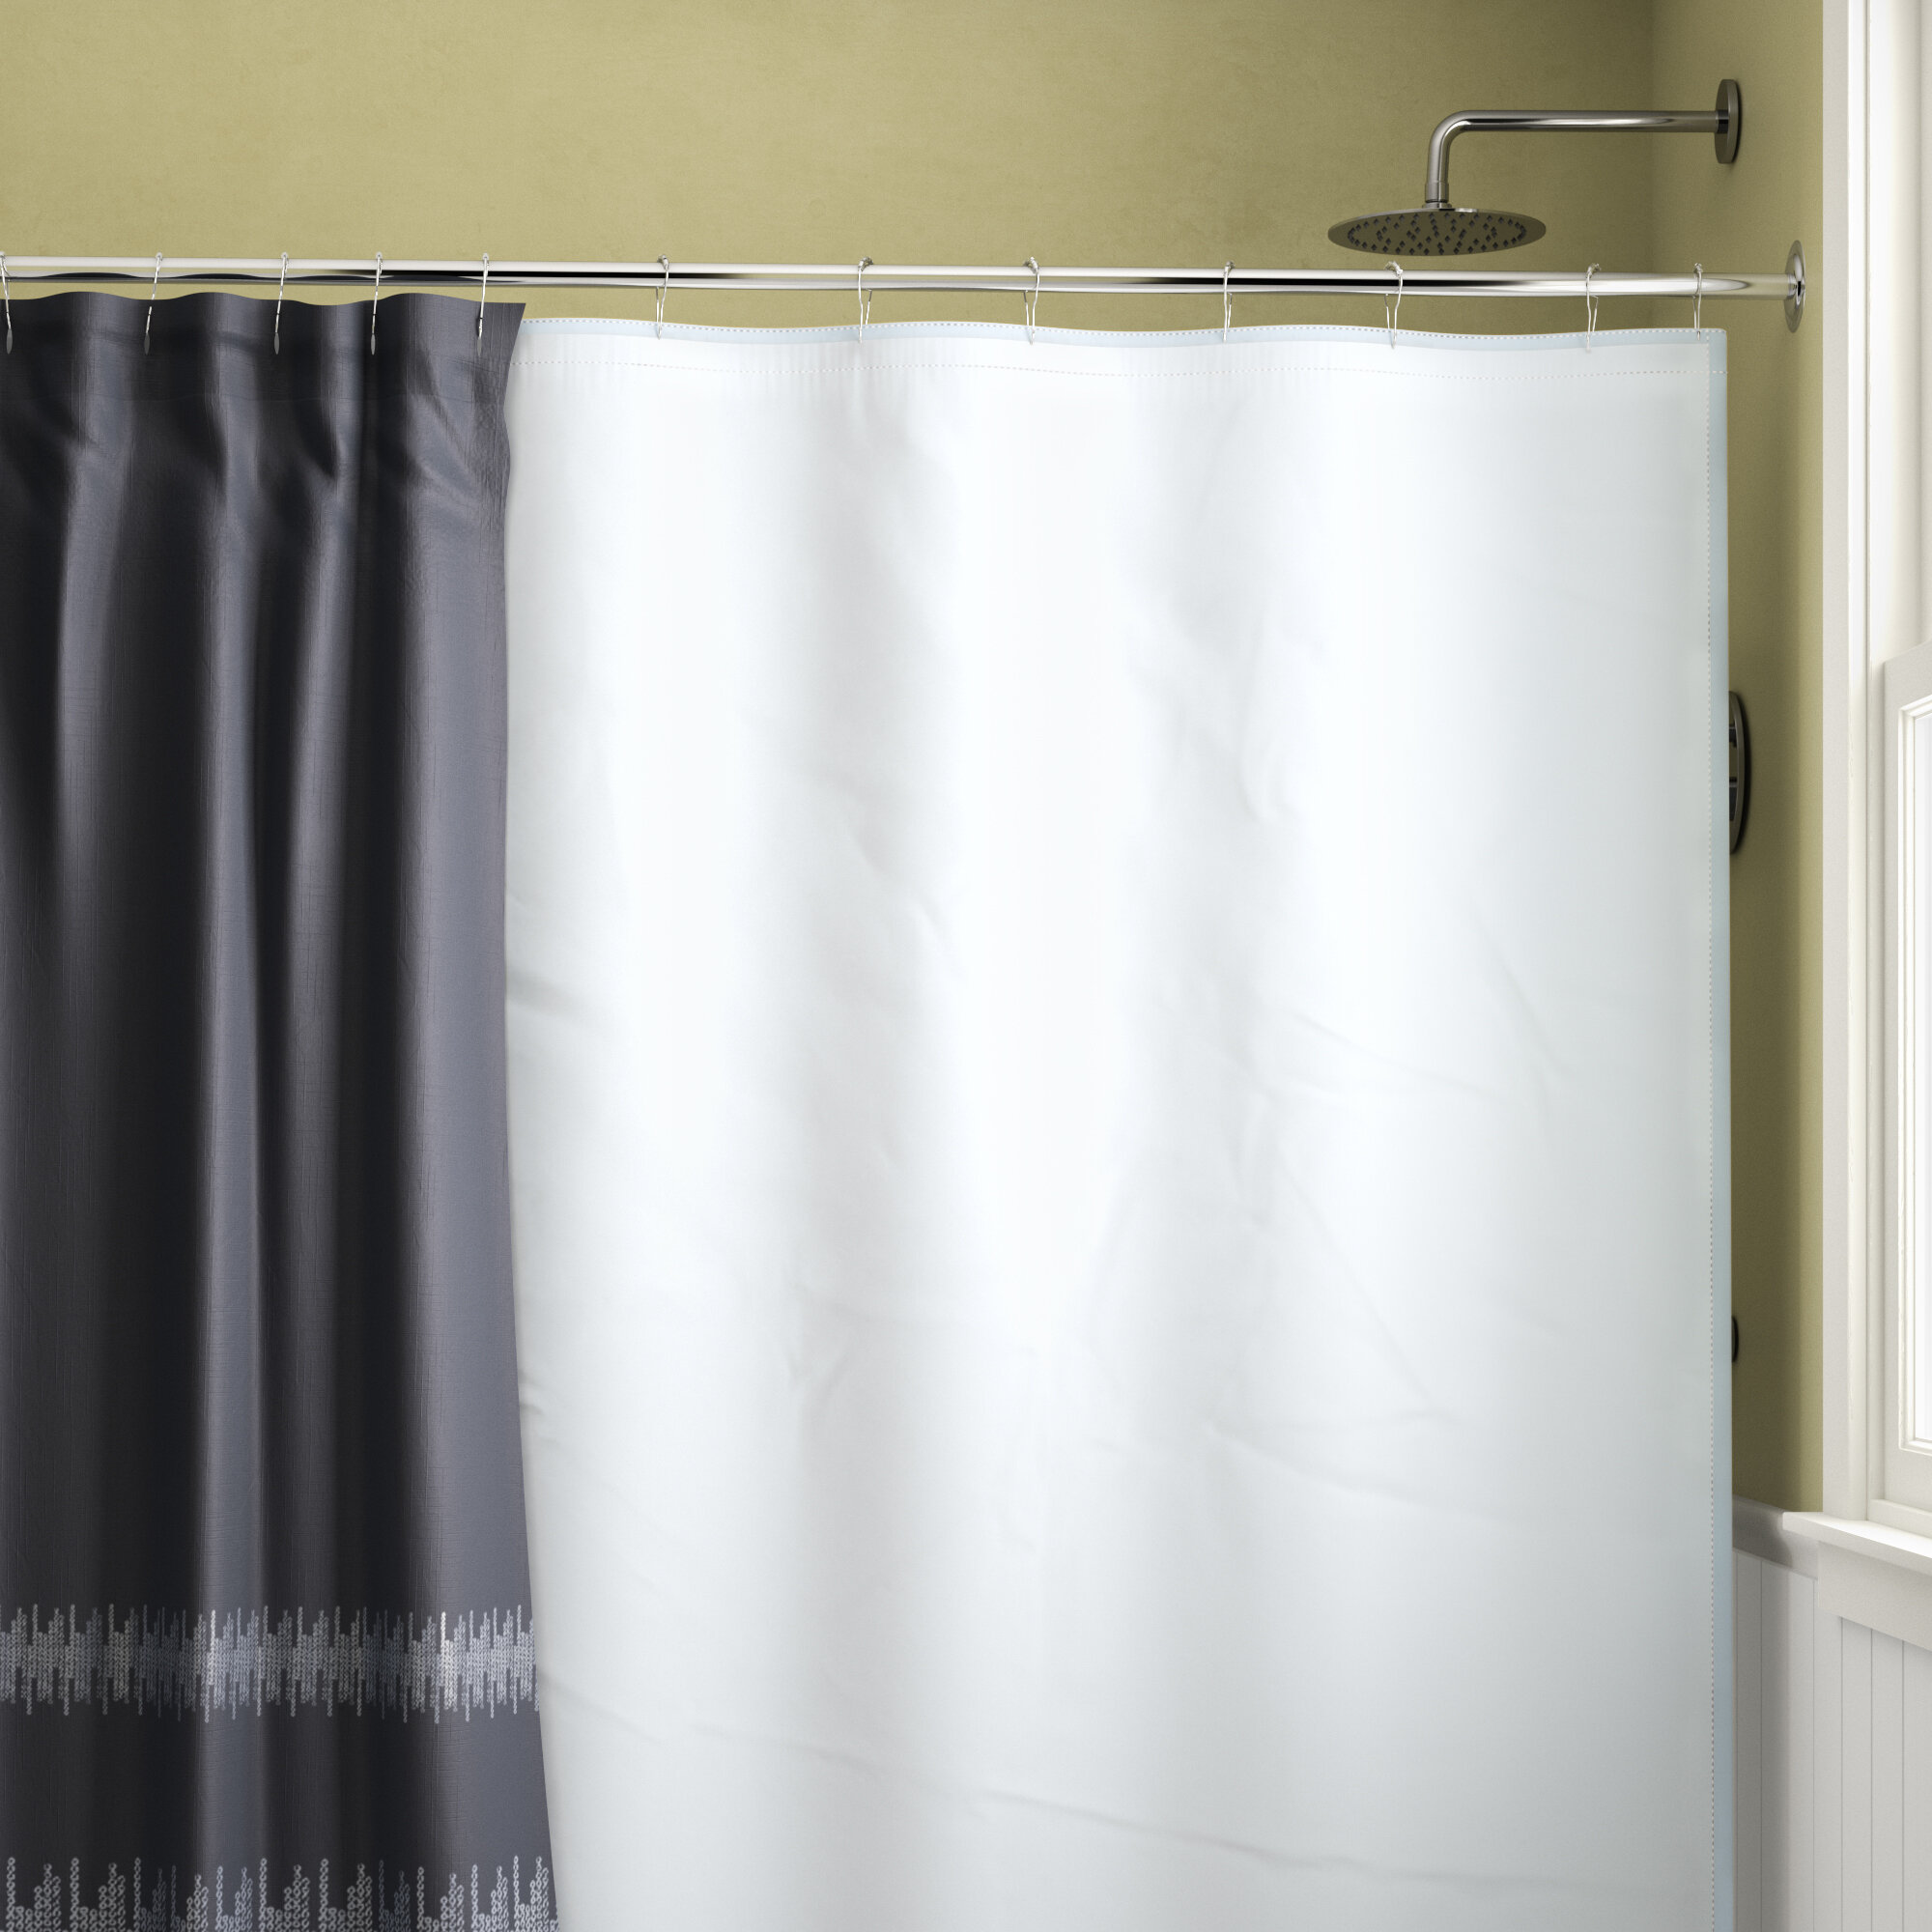 Symple Stuff Waterproof Shower Curtain Liner & Reviews | Wayfair